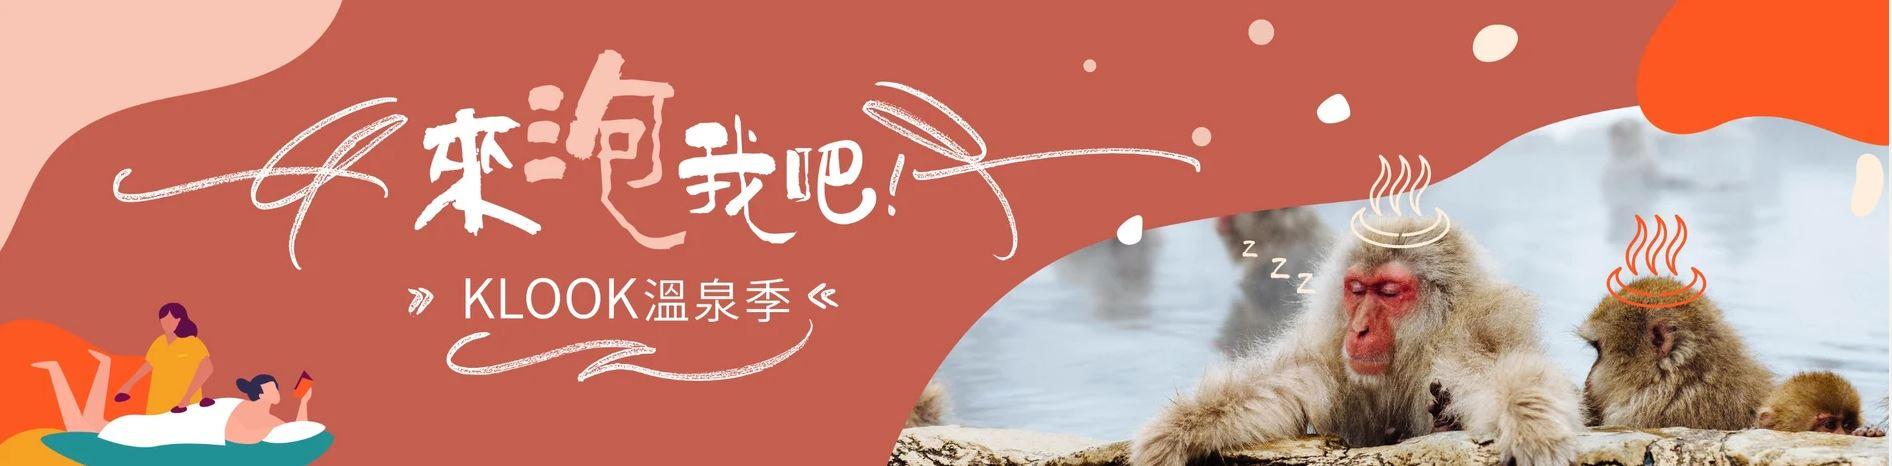 【2021陽明山花季】日期、賞花路線&景點、交通管制、周邊住宿懶人包! - threeonelee.com